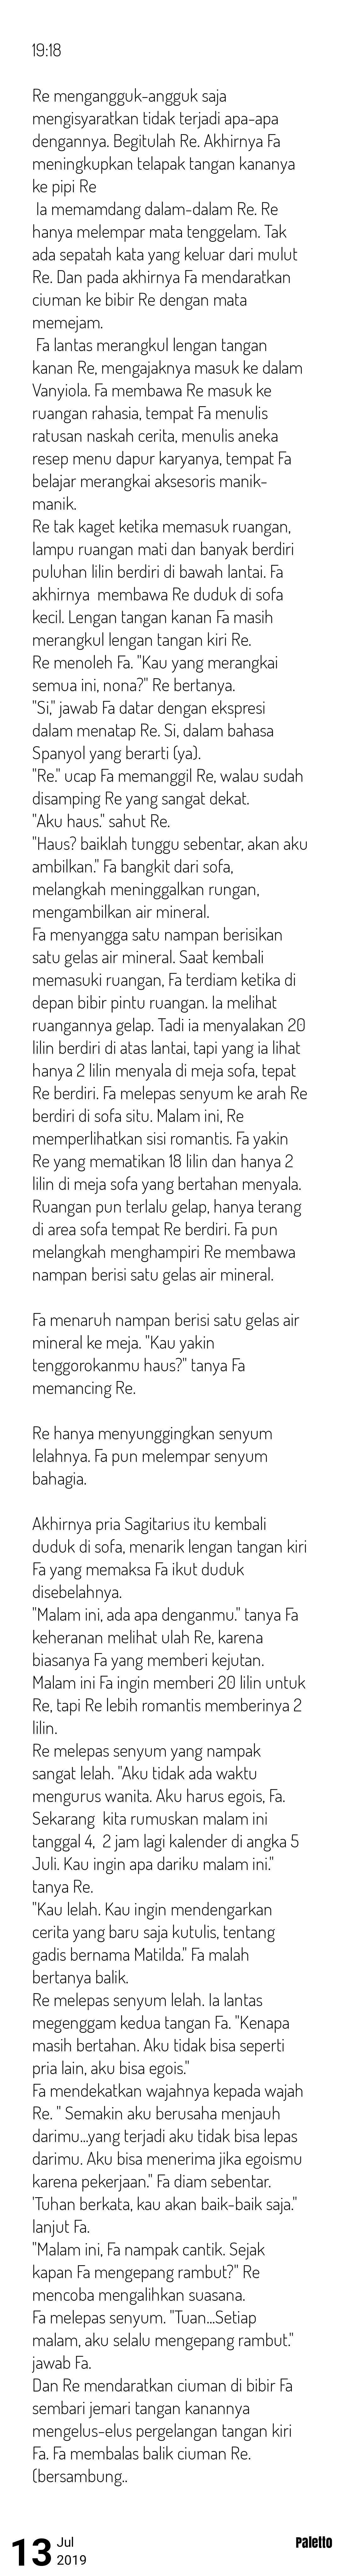 Download Lagu Cinta Tiga Segi Original : download, cinta, original, Rembulan